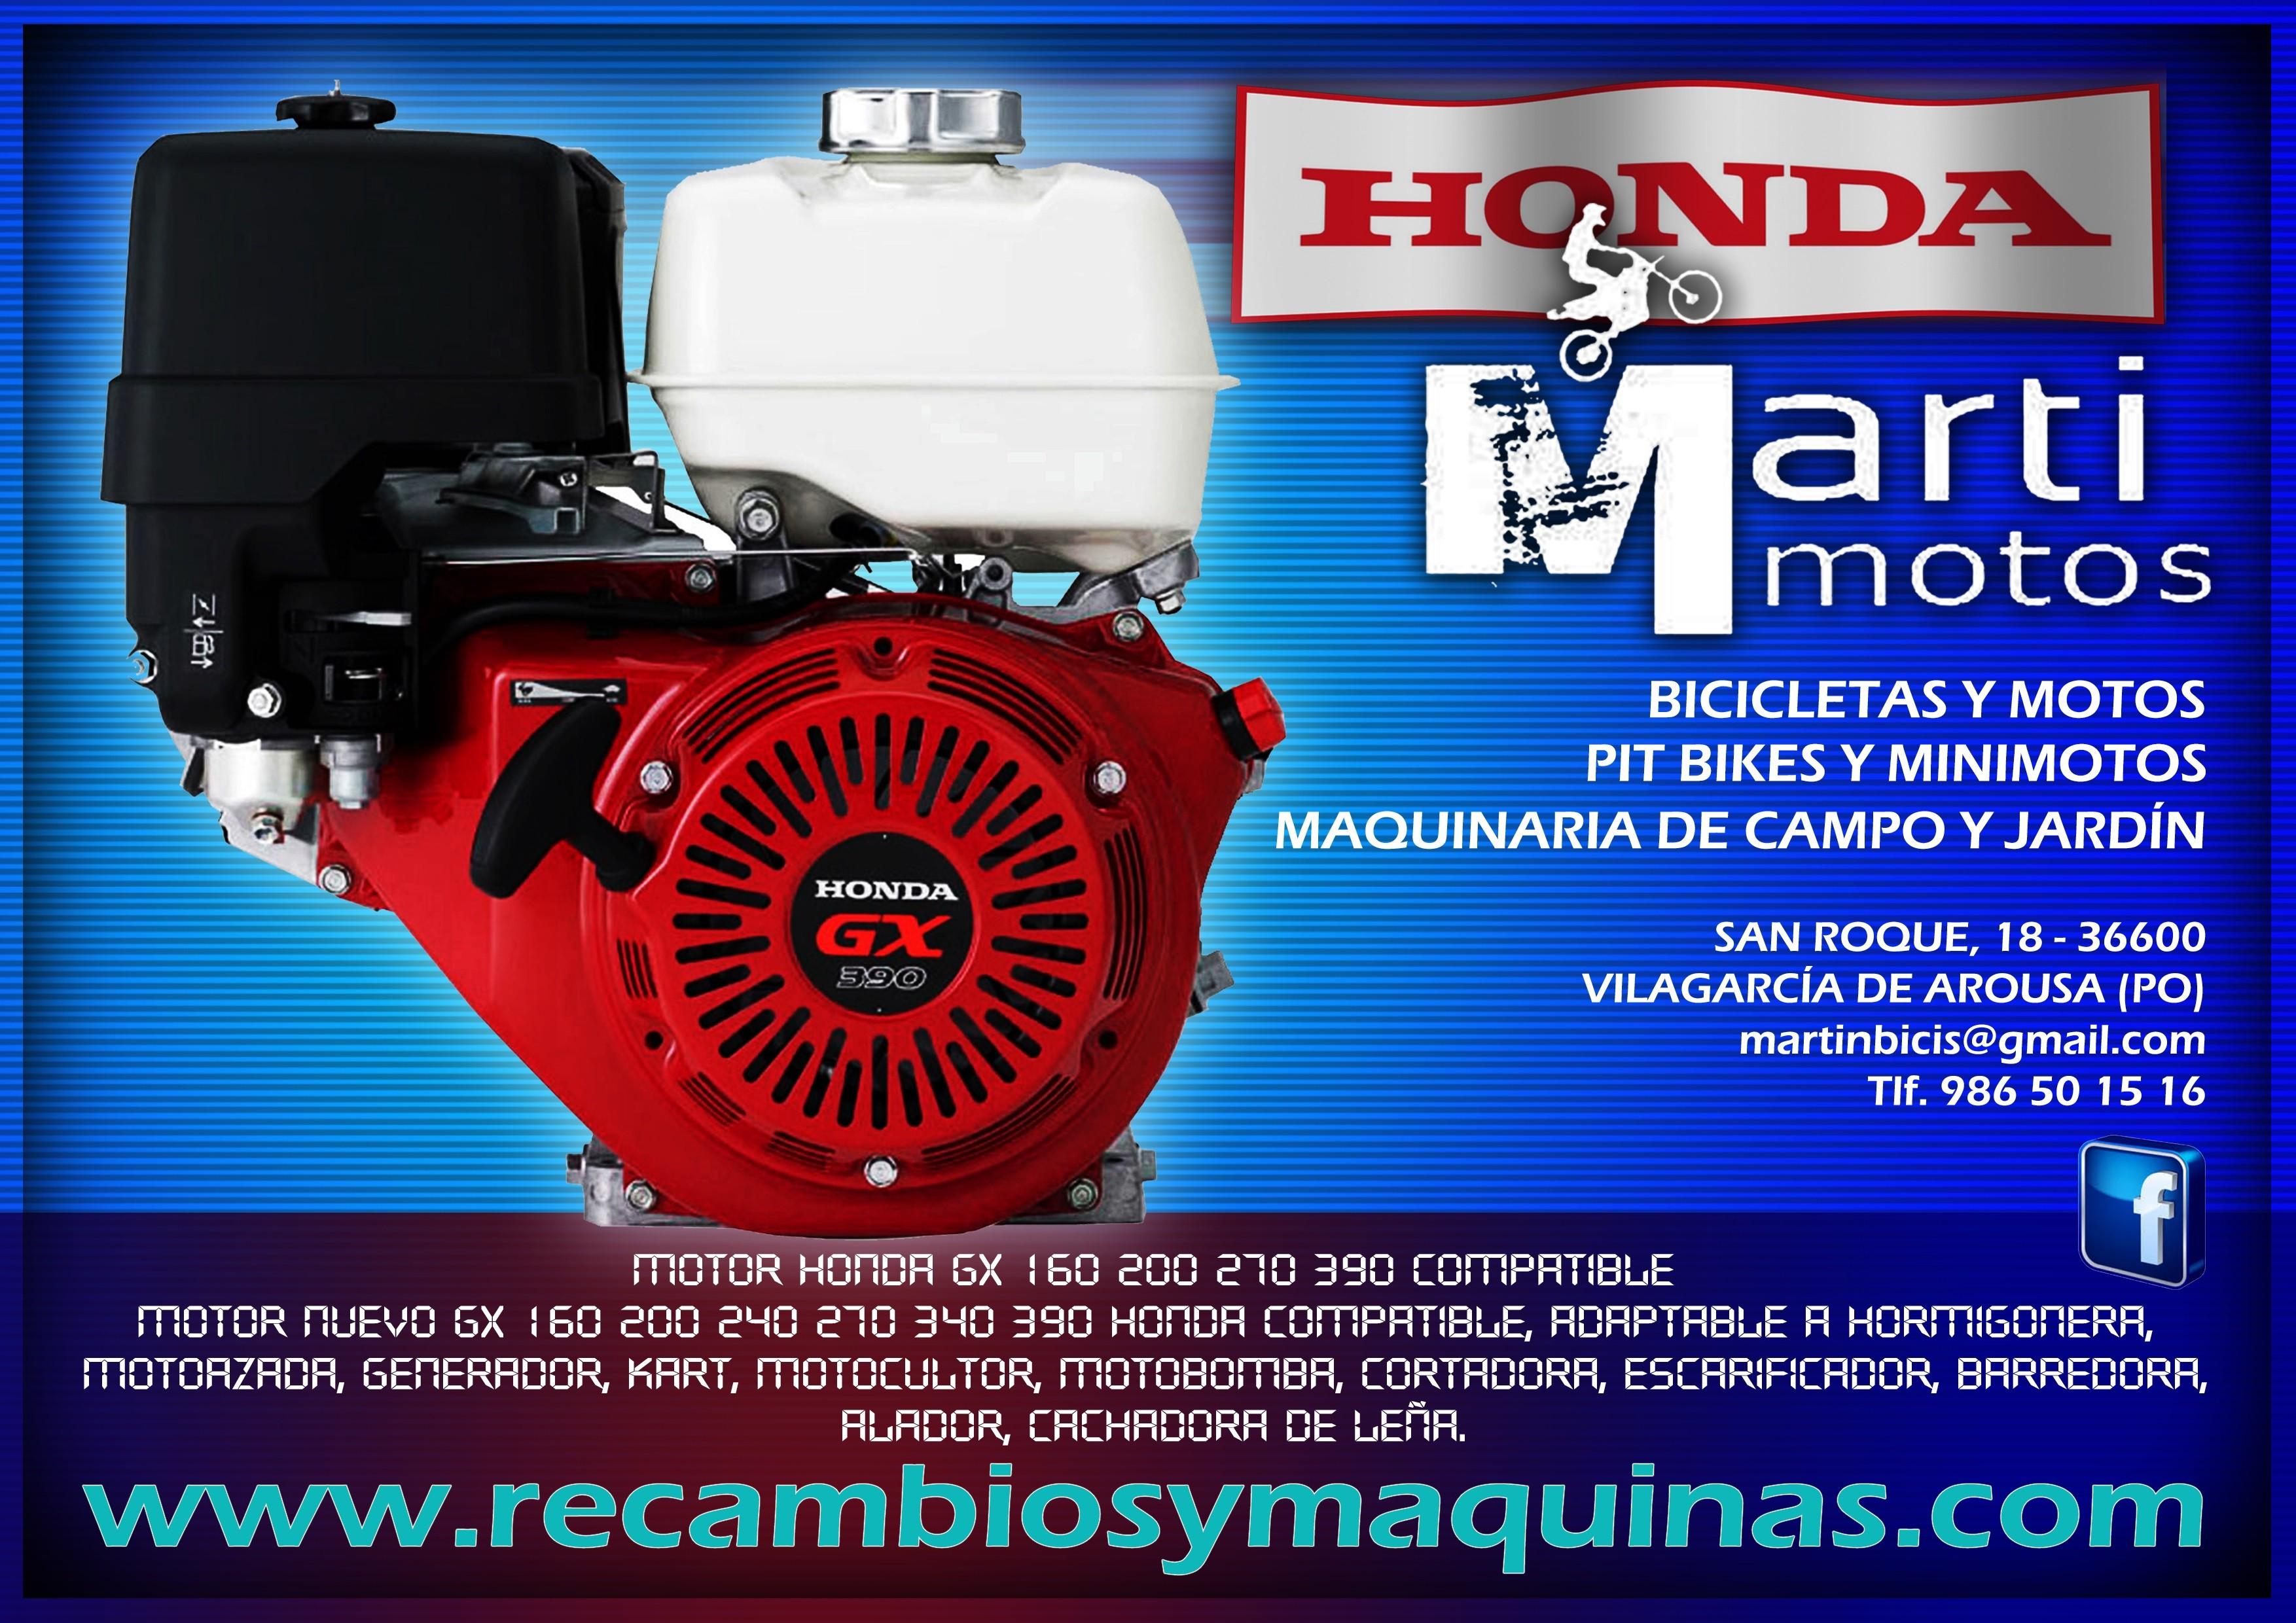 Motores Honda Gx compatibles